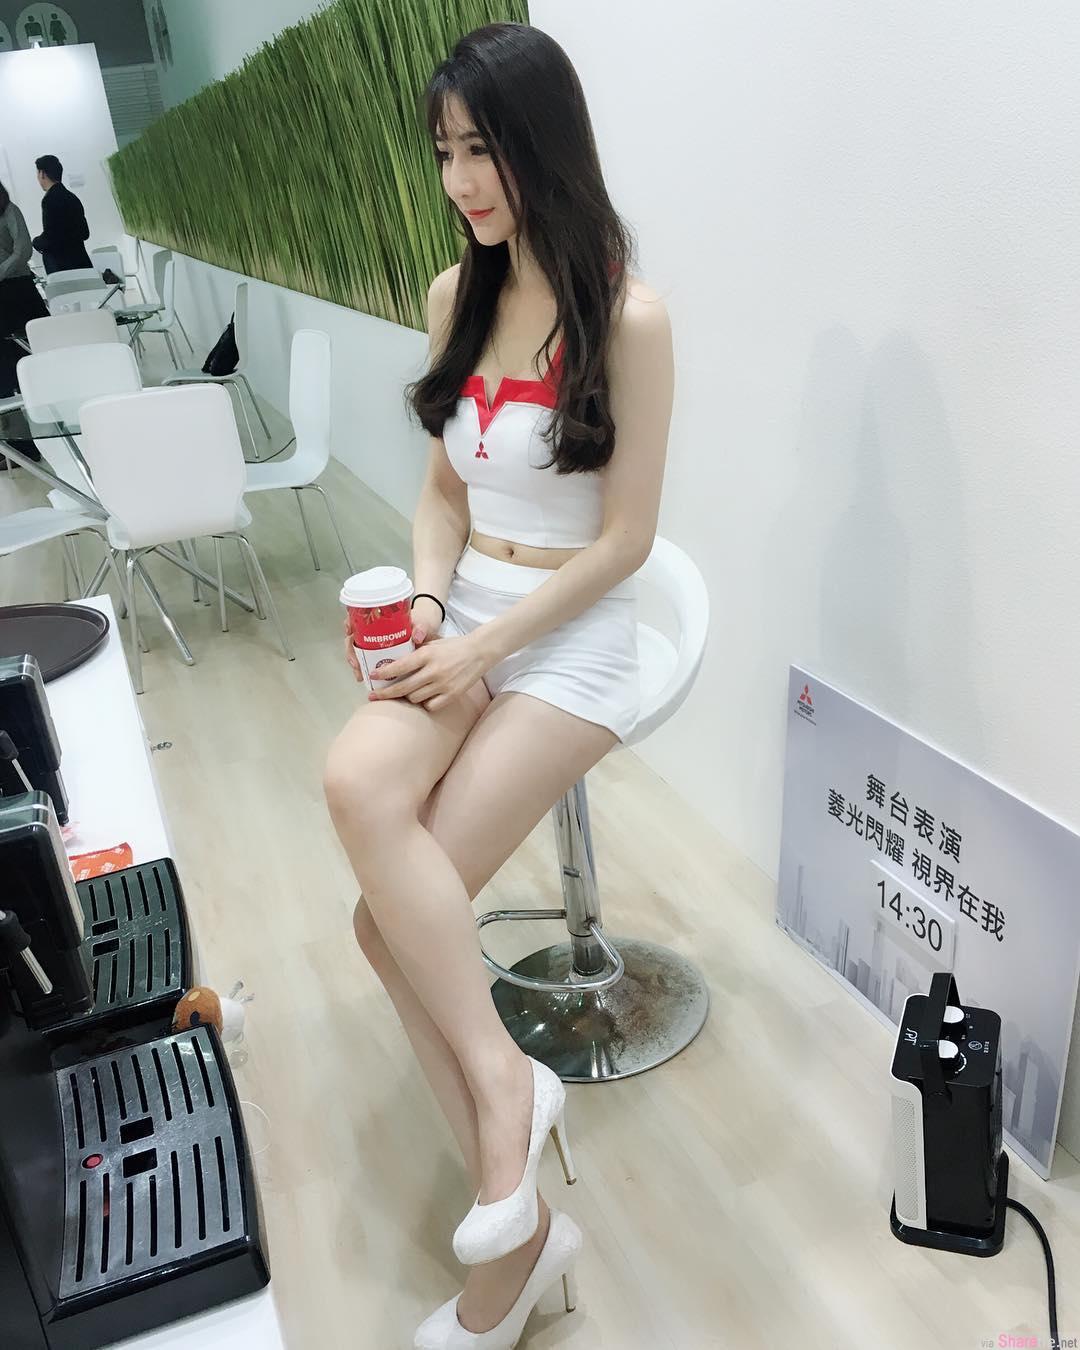 谐星正妹阿澎,不计形象演出网络窜红